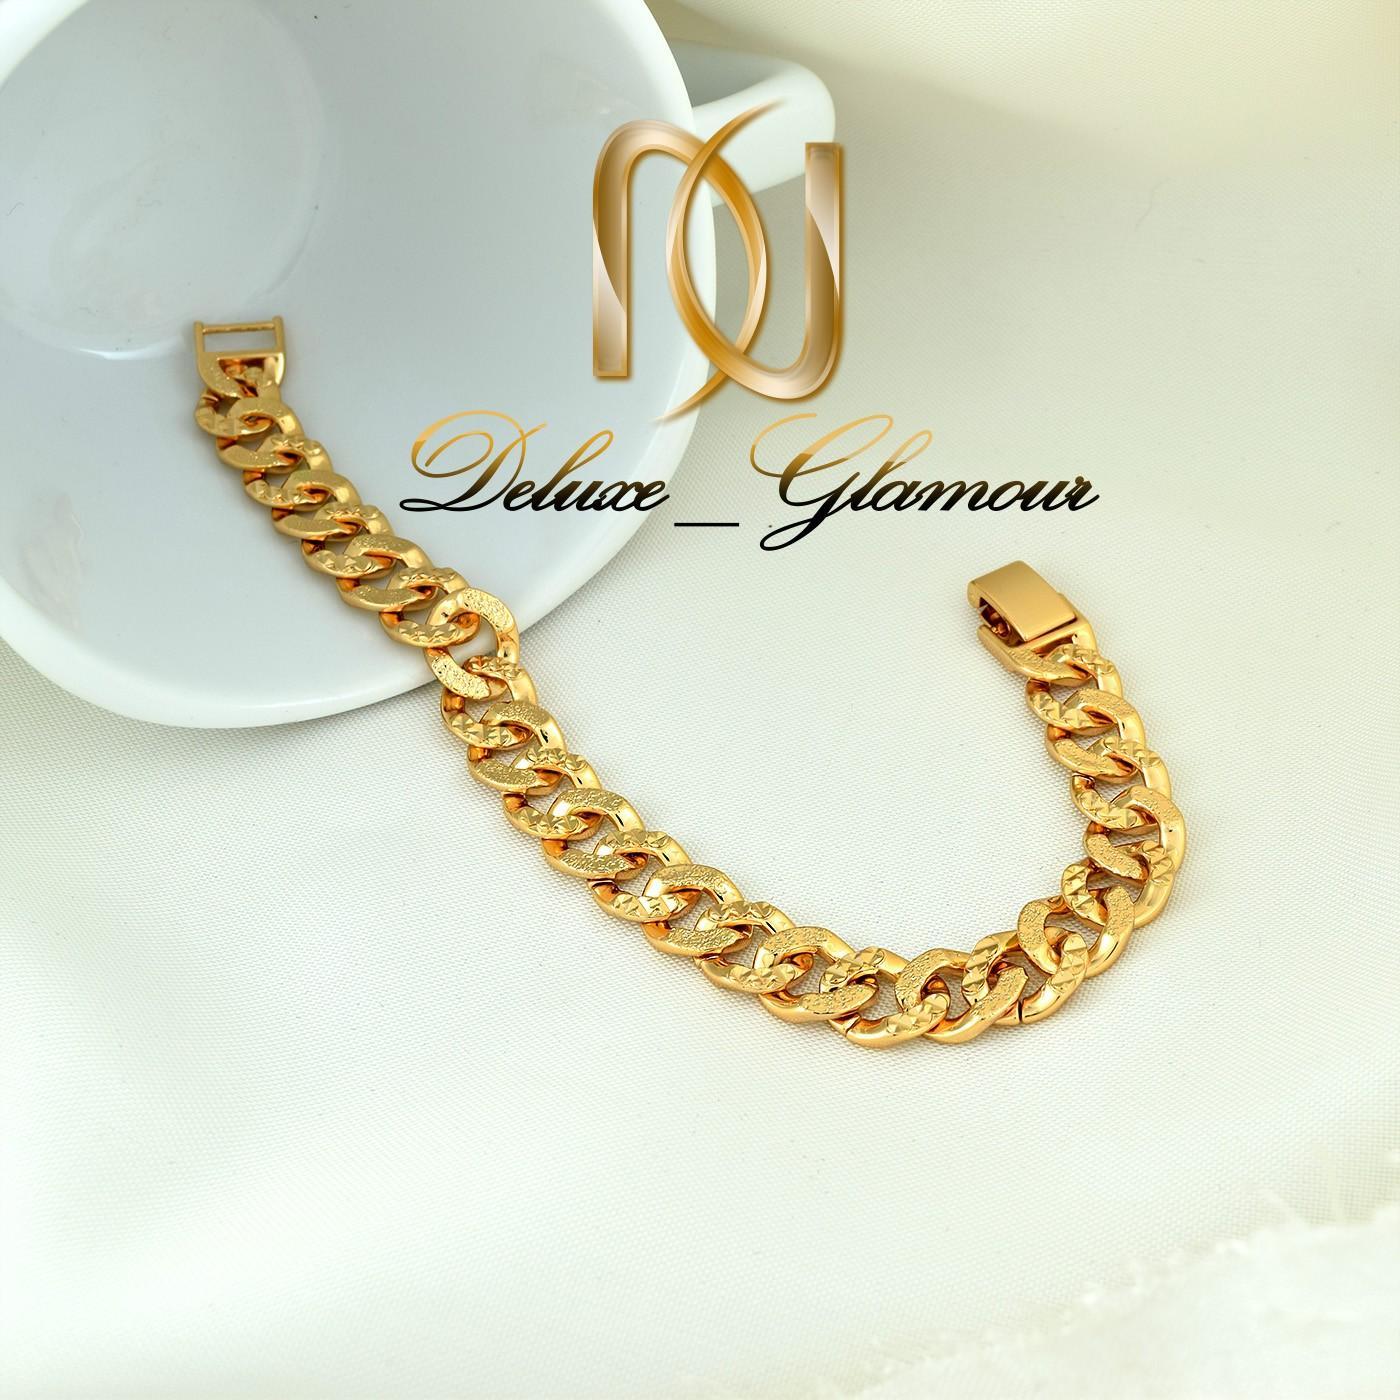 دستبند زنانه ژوپینگ طلایی طرح کارتیر ds-n268 از نمای بالا